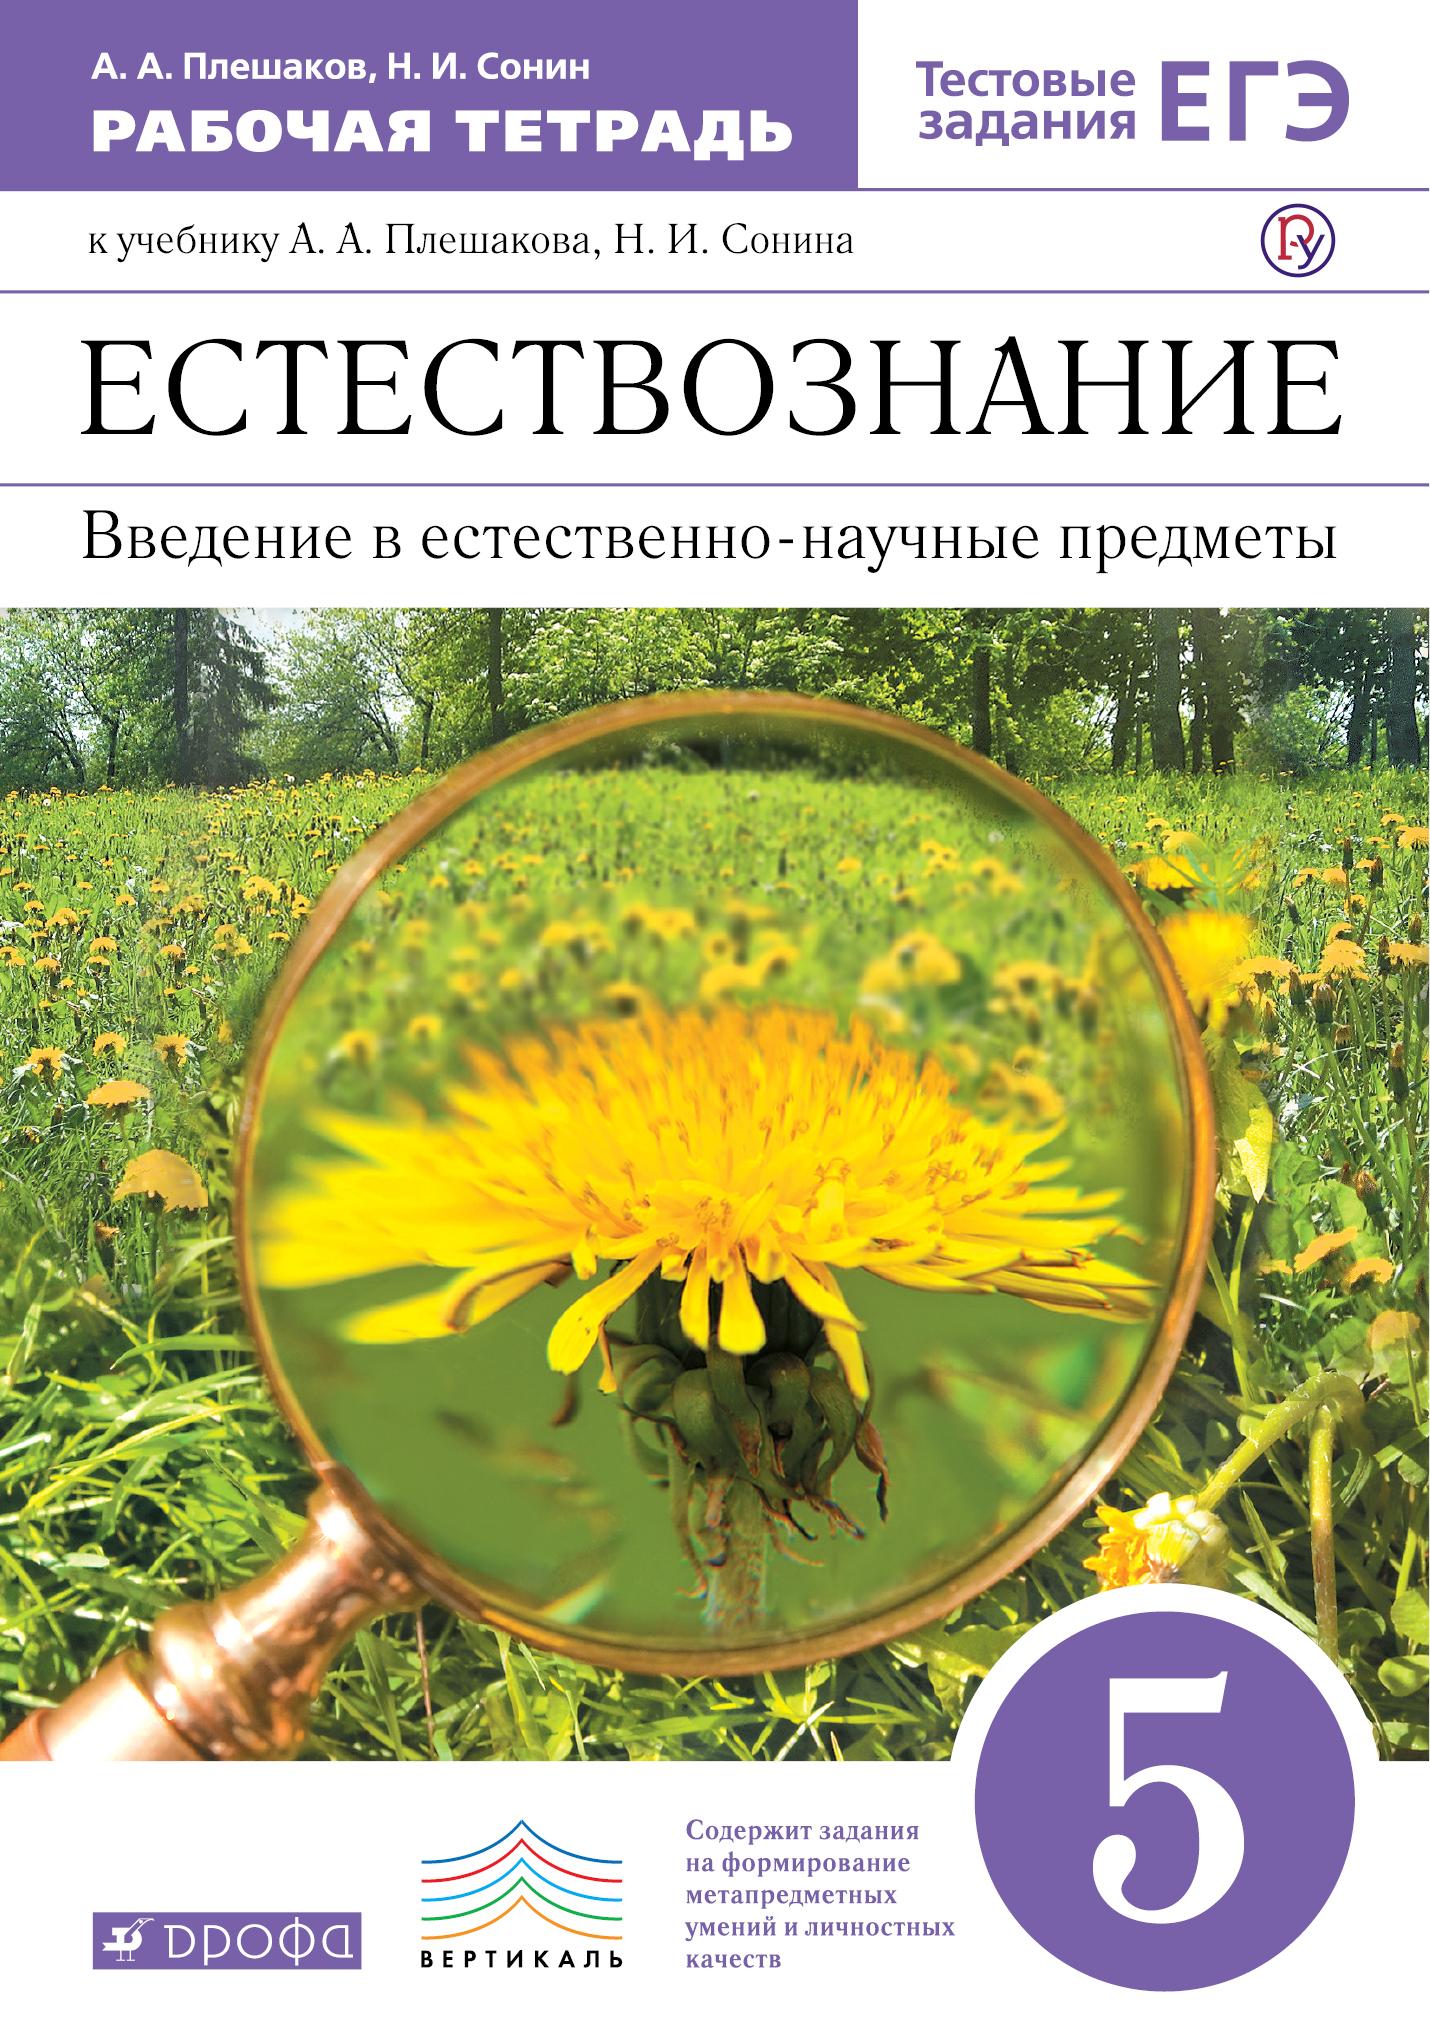 Естествознание. Введение в естественно-научные предметы. 5 класс. Рабочая тетрадь (с тестовыми заданиями ЕГЭ)